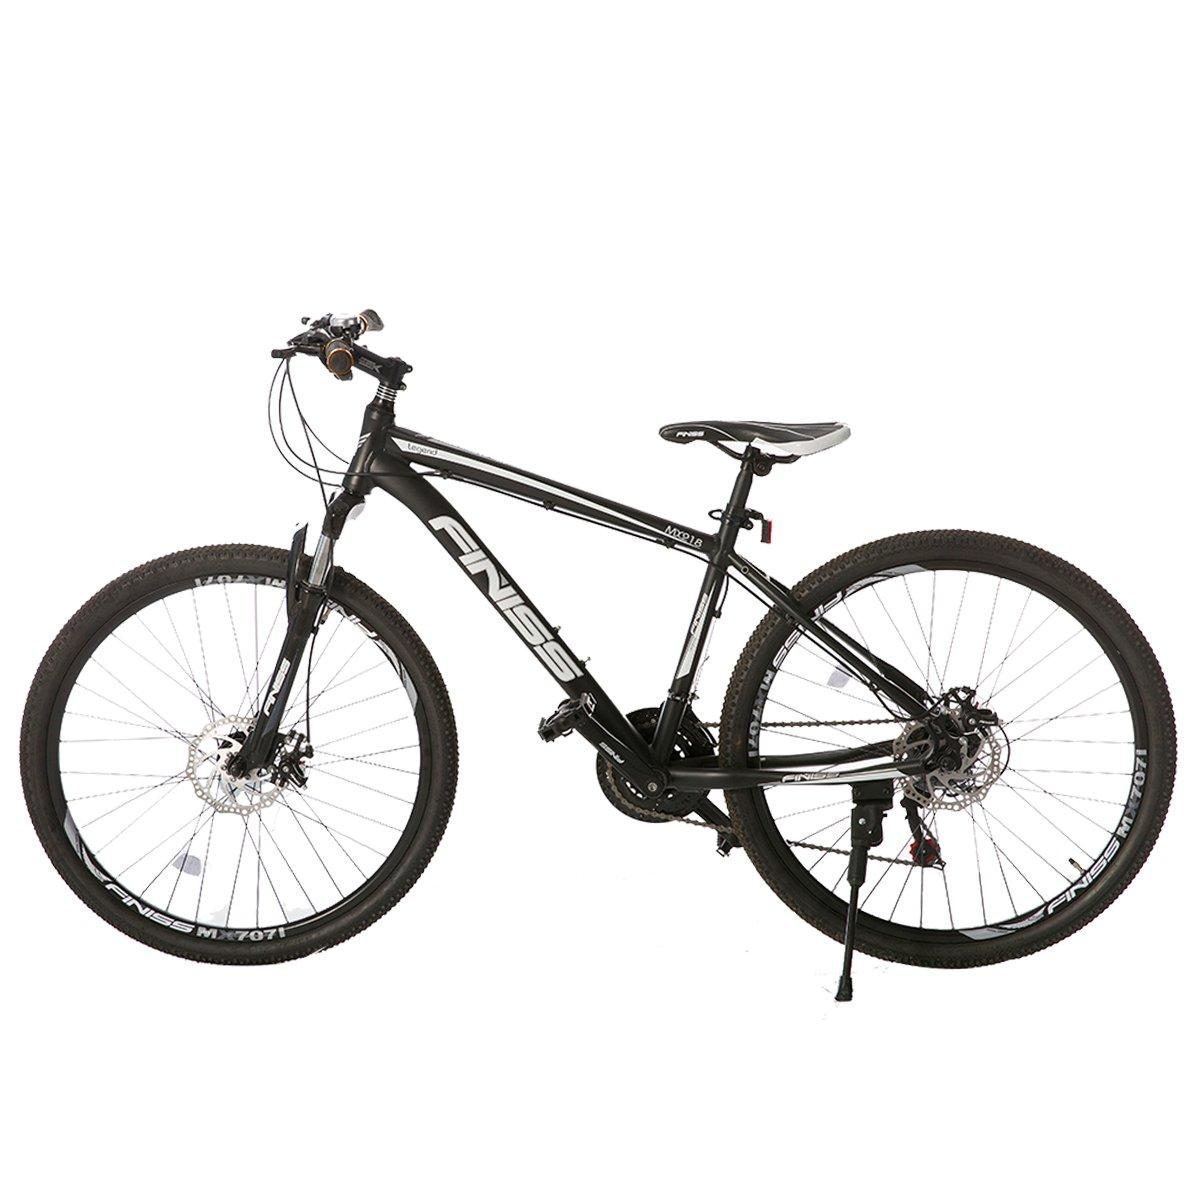 オーエスジェー OSJ NEW売り切れる前に☆ 自転車 アルミマウンテンバイク 完売 26インチ アルミフレーム ハイフレーム MTB マットブラック シマノ21段変速 B072BW38HD フロントサスペンション